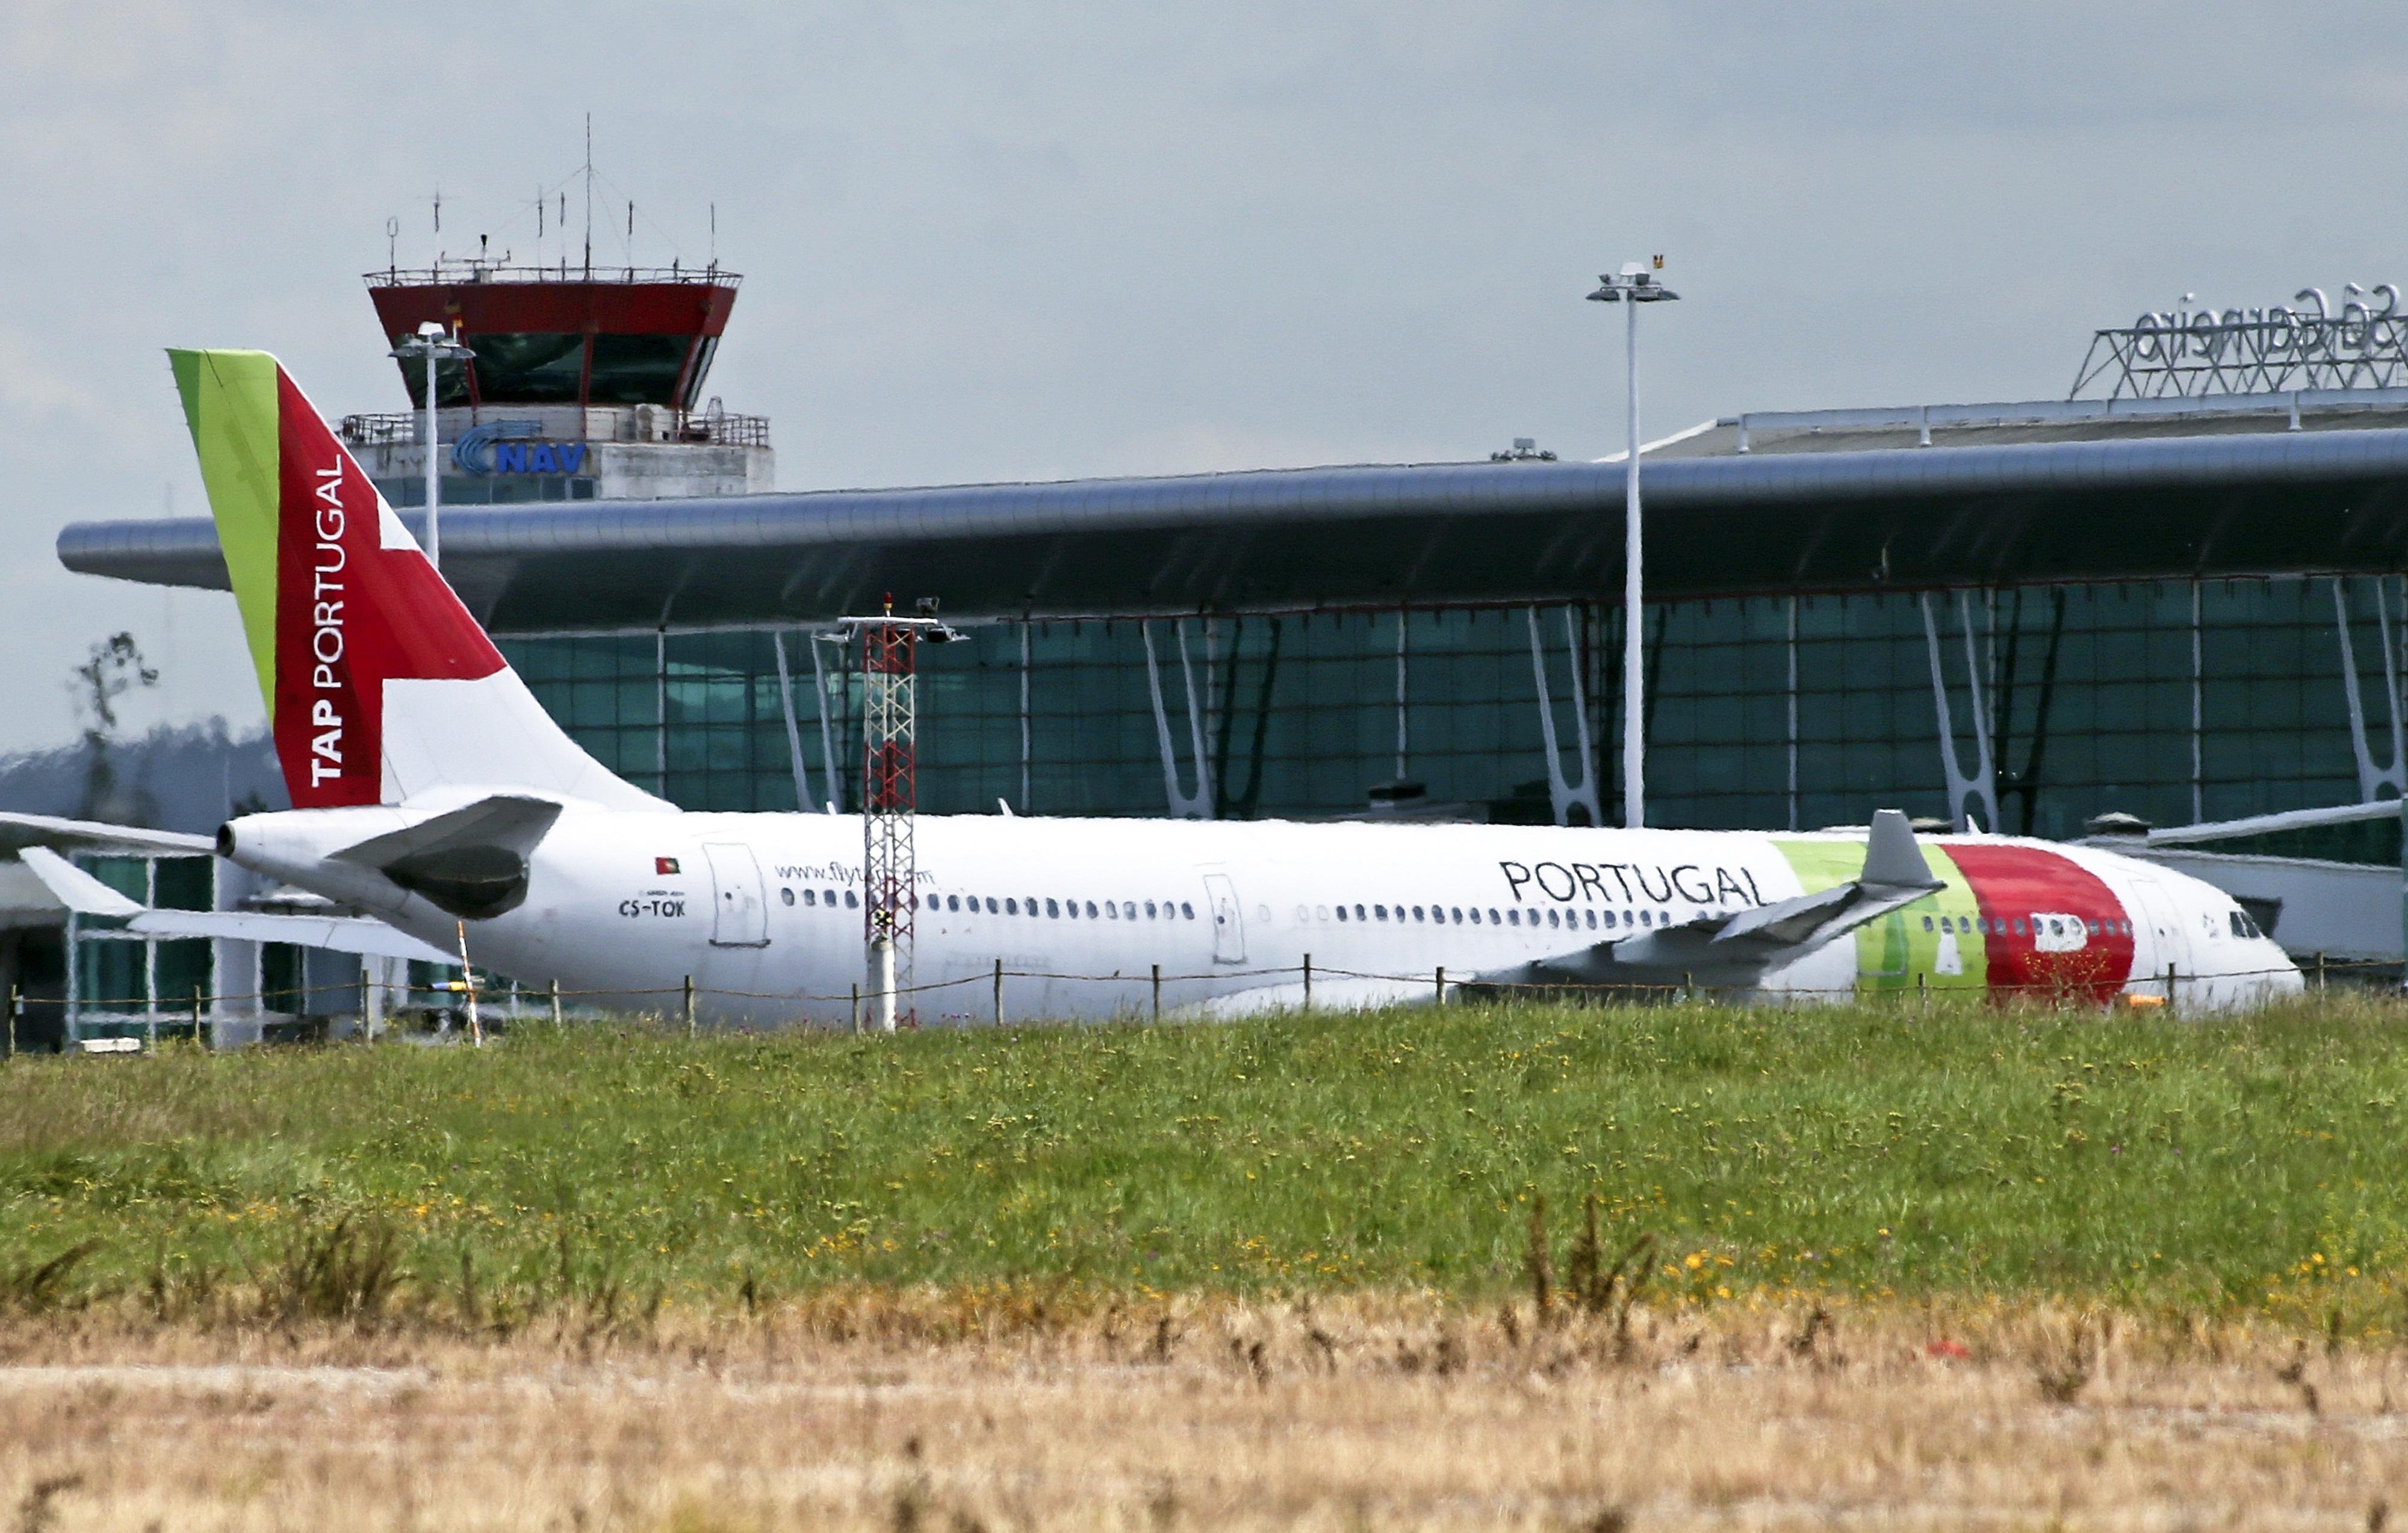 TAP espera indicações dos aeroportos sobre greve da Prosegur e Securitas no fim do ano